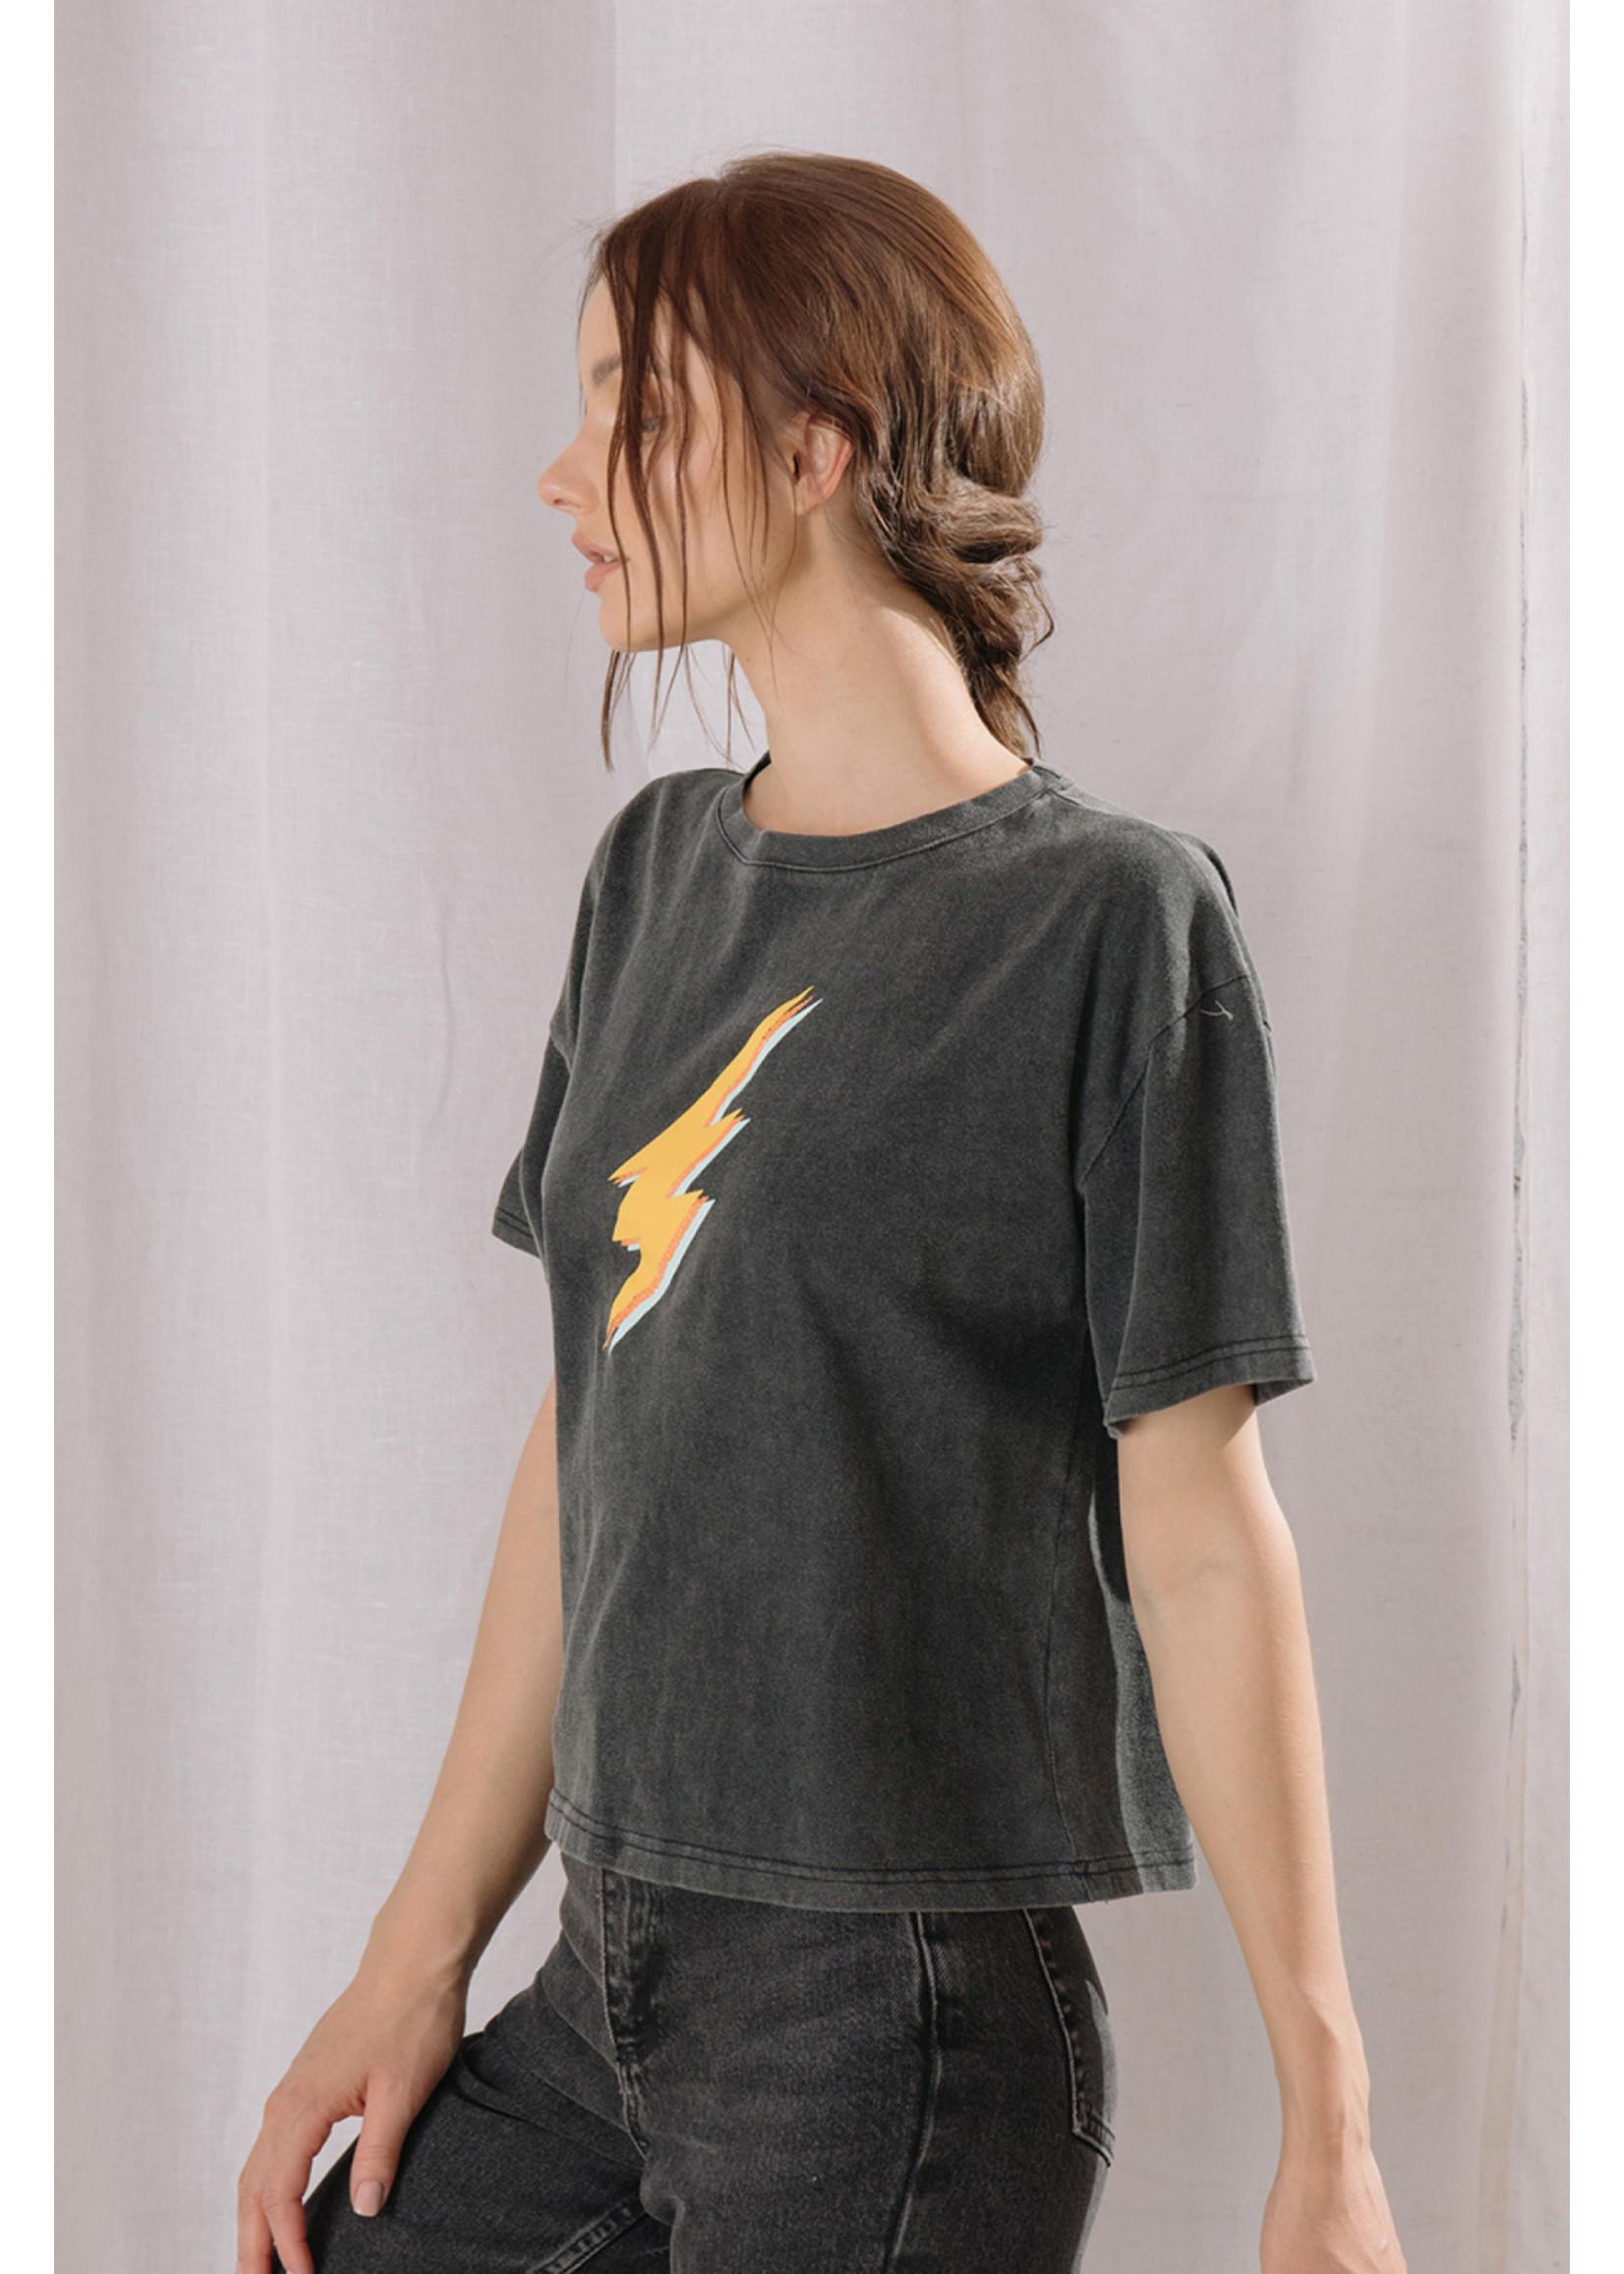 Storia Lightning Bolt Graphic T-Shirt - BT1971